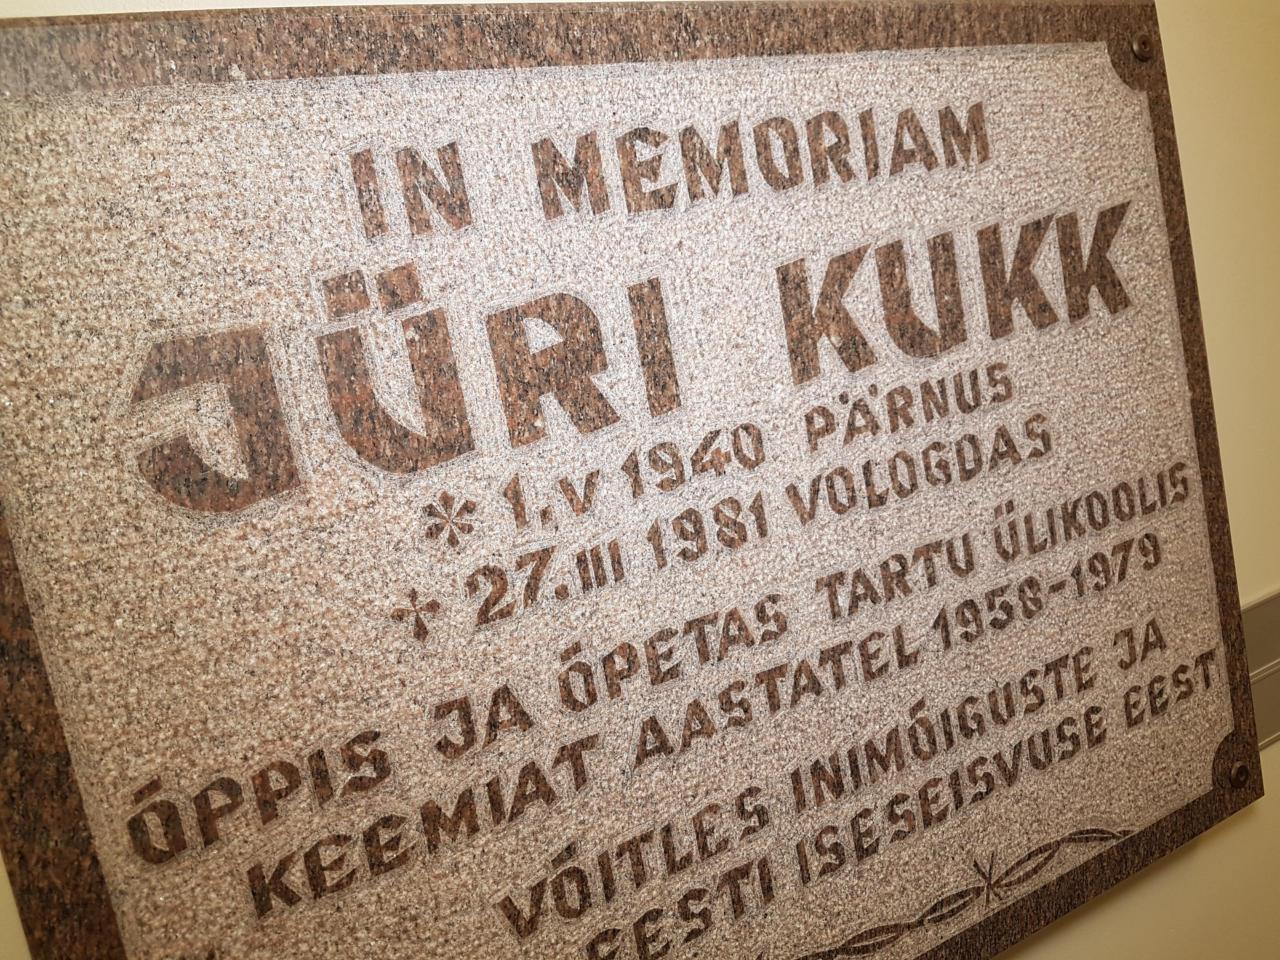 Tartu Ülikoolis mälestatakse keemiateadlast Jüri Kukke